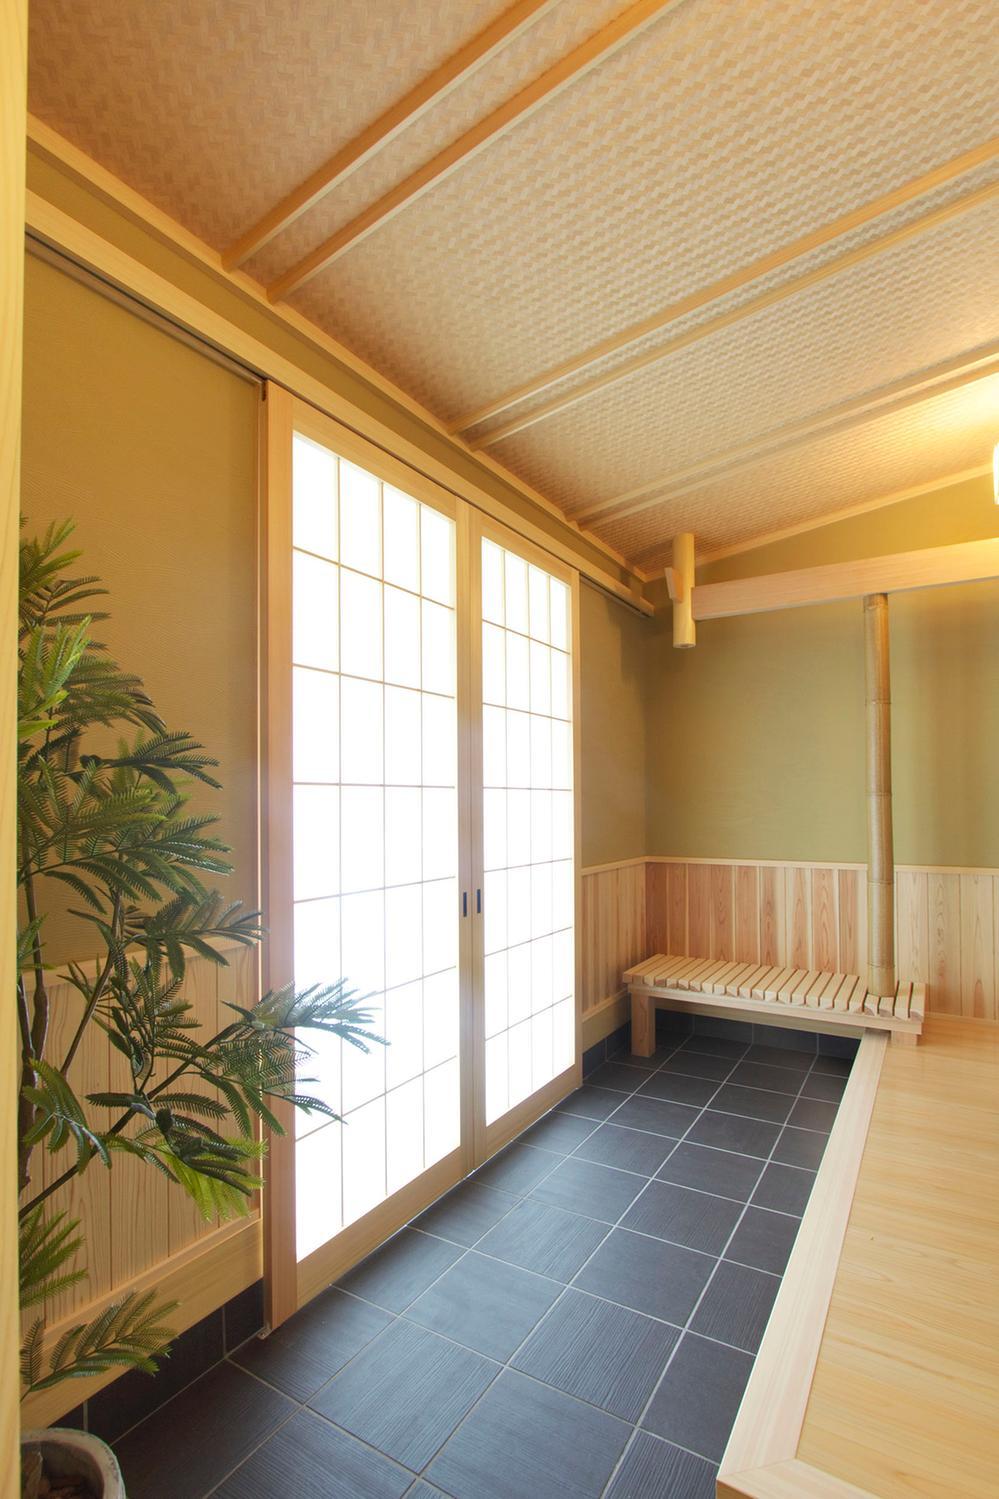 玄関ホールから続く土間は、和室へと続き近所の方たちとのおしゃべりやお子様の遊び場にピッタリ。(wa no ie)